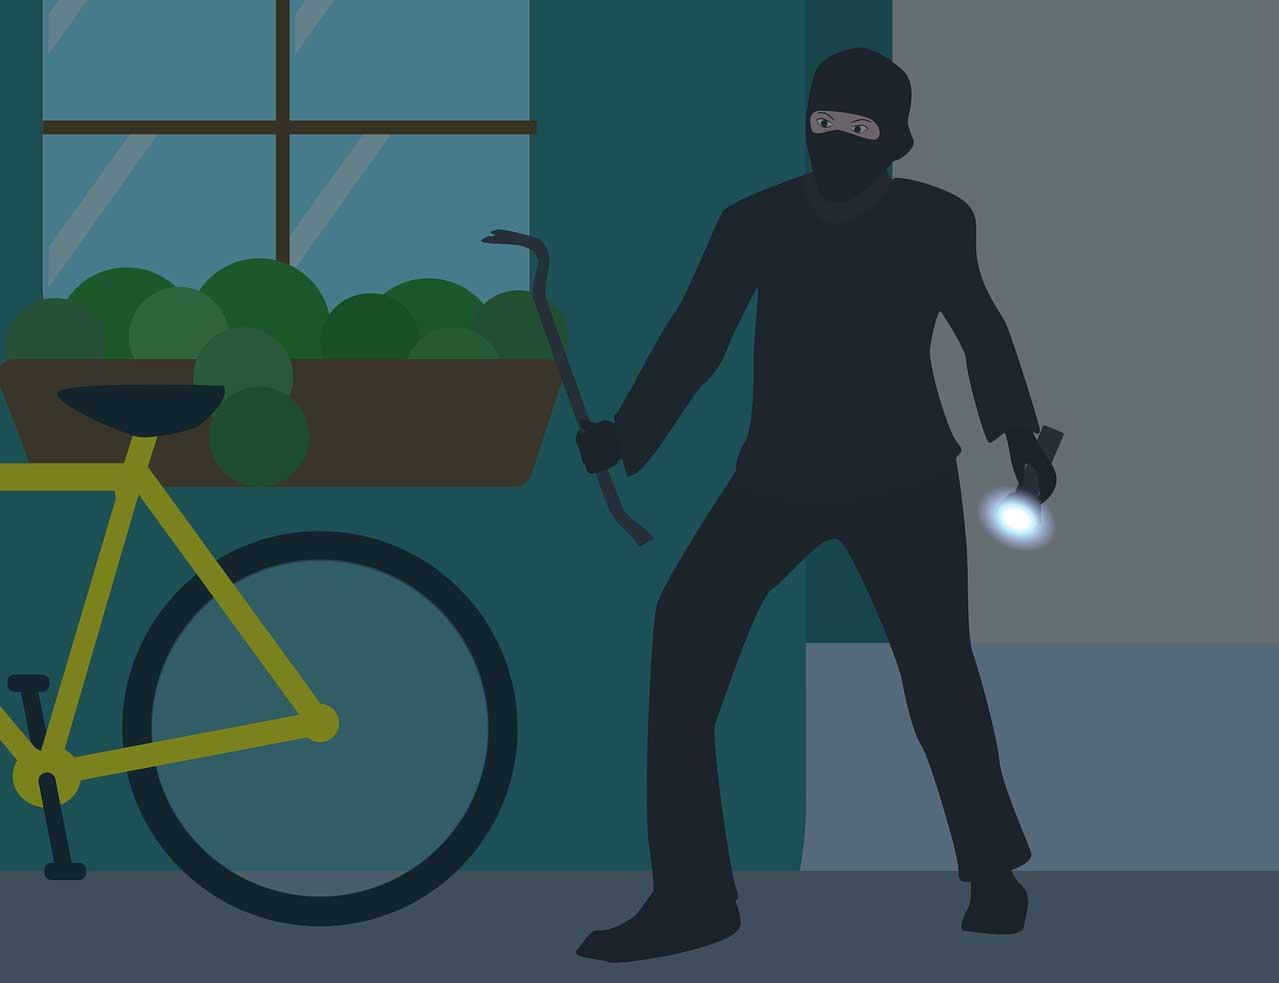 Alarmanlagen schützen in der dunklen Jahreszeit